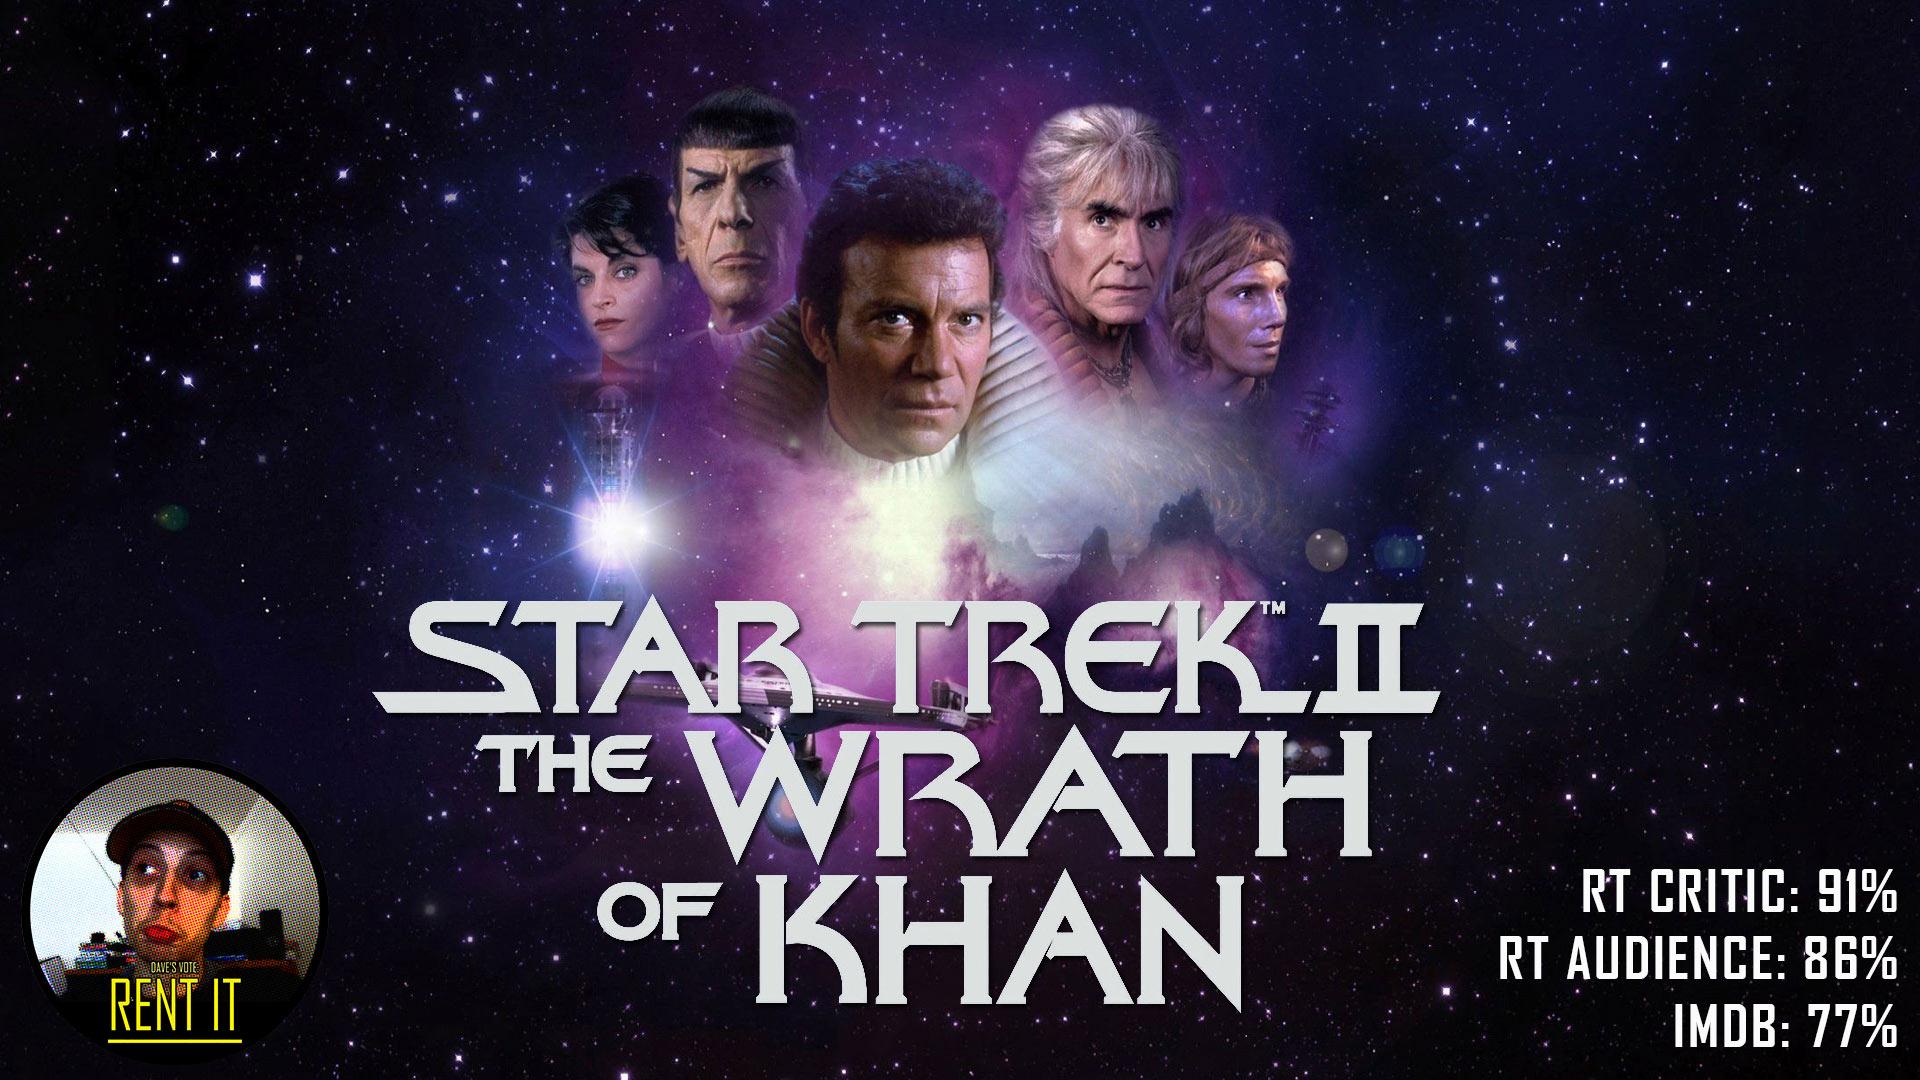 HQ Star Trek II: The Wrath Of Khan Wallpapers | File 323.42Kb